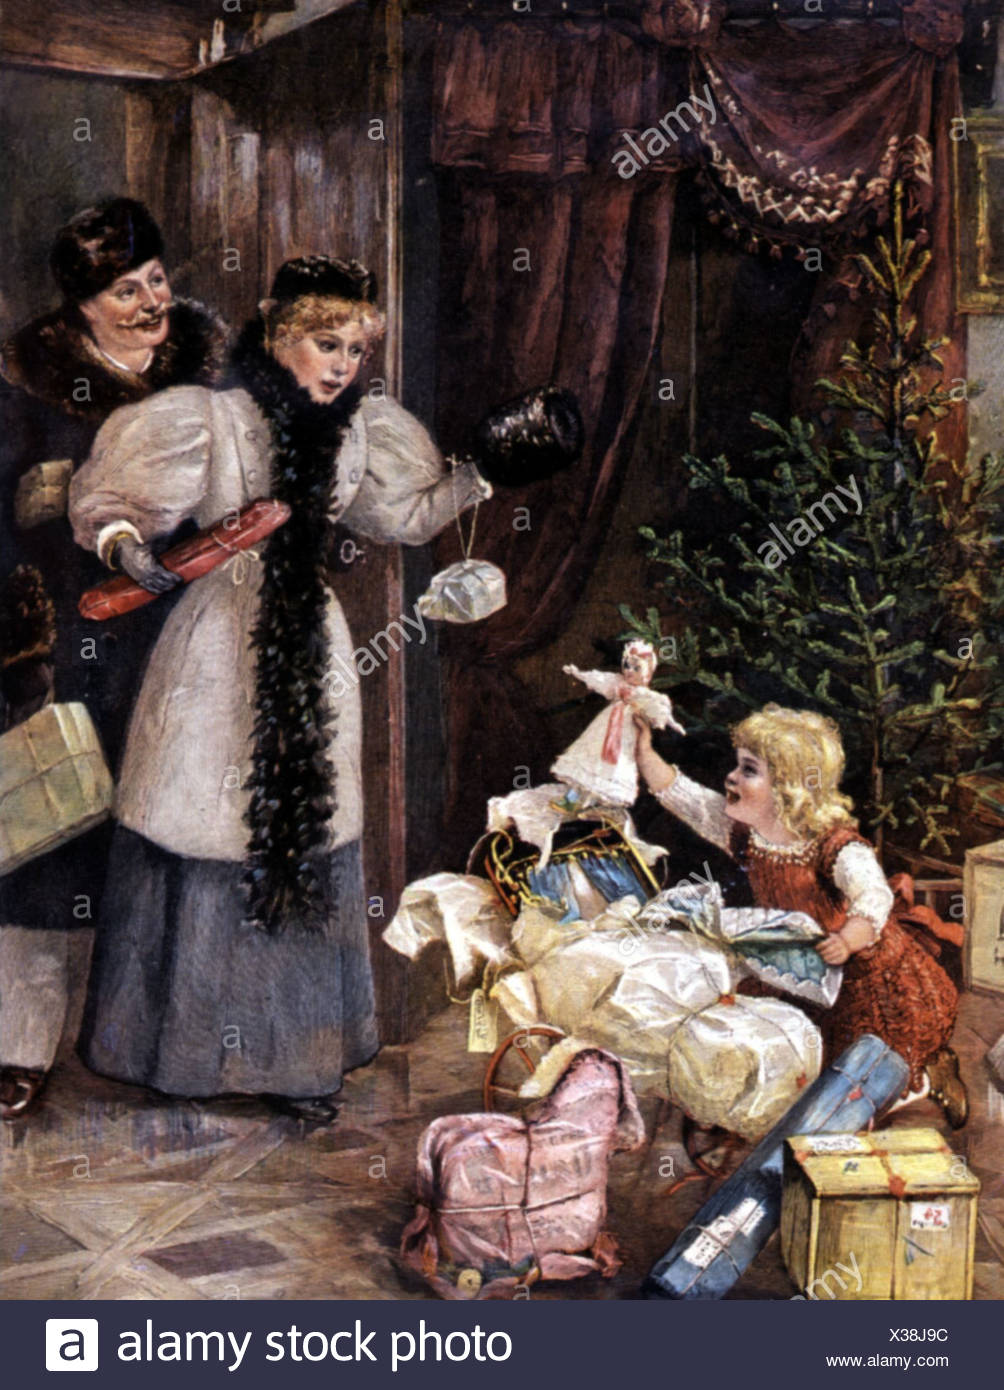 Weihnachten Geschenkverteilung Eltern Fangen Ihre Kinder Beim Auspacken Geschenke Farbige Holzgravur 19 Jahrhundert Zusatzliche Rechte Clearenzen Nicht Verfugbar Stockfotografie Alamy